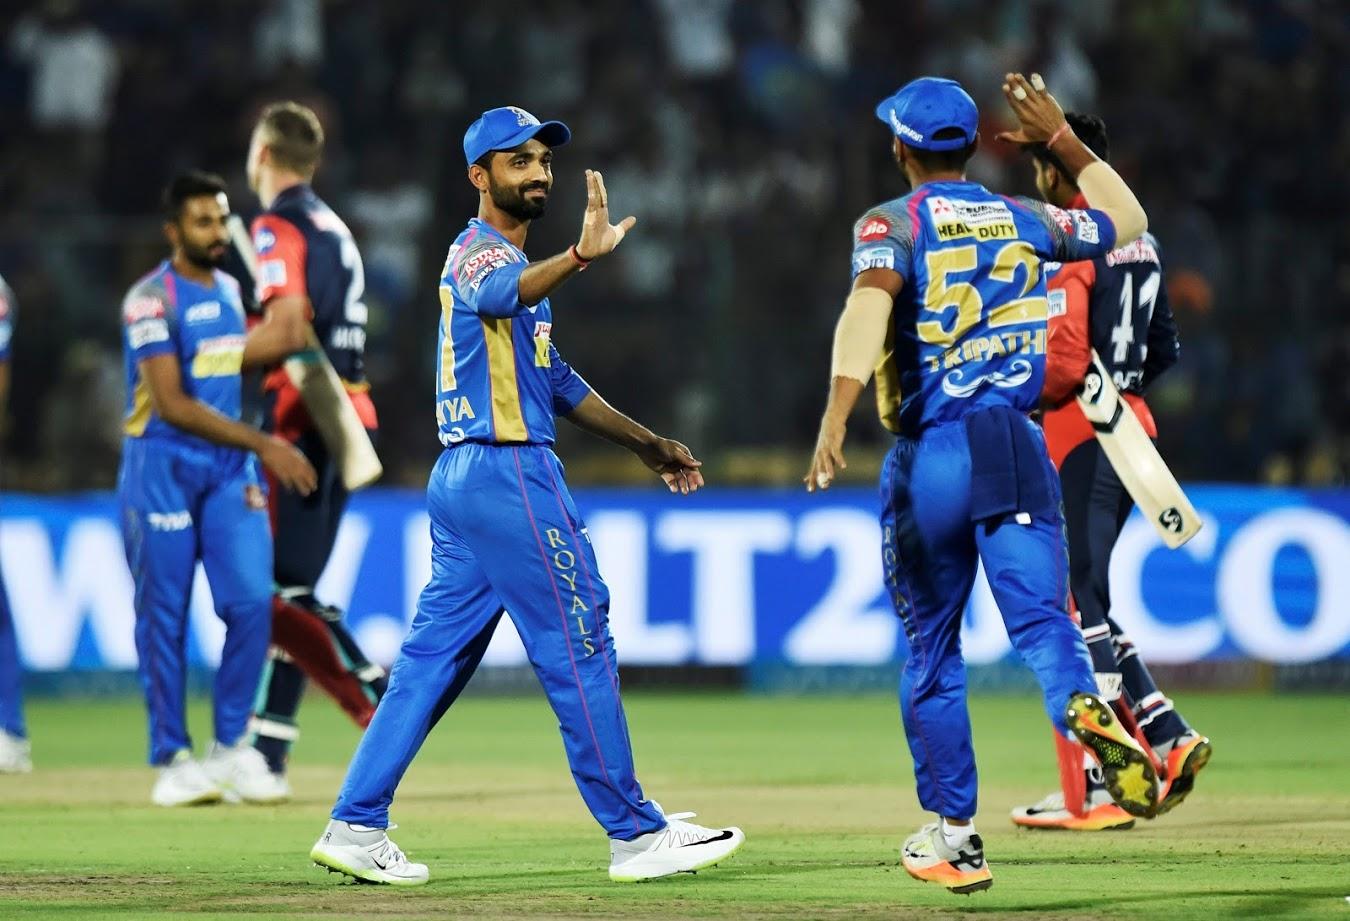 पिछले सीजन में राजस्थान रॉयल्स टीम ने दो साल के बैन के बाद लौटते हुए प्ले-ऑफ में जगह बनाई थी. जबकि बॉल टेंपरिंग में फंसने के कारण स्टीव स्मिथ नहीं खेल पाए थे और टीम इंडिया के टेस्ट उपकप्तान अजिंक्य रहाणे ने टीम की बागडोर संभाली थी. इस बार टीम के नियमित कप्तान स्मिथ 28 मार्च के बाद खेलने के लिए आजाद हैं और टीम ने उन्हें अपने साथ बनाए रखा है. अब देखना दिलचस्पहोगा कि कप्तानी रहाणे करेंगे या फिर स्मिथ?